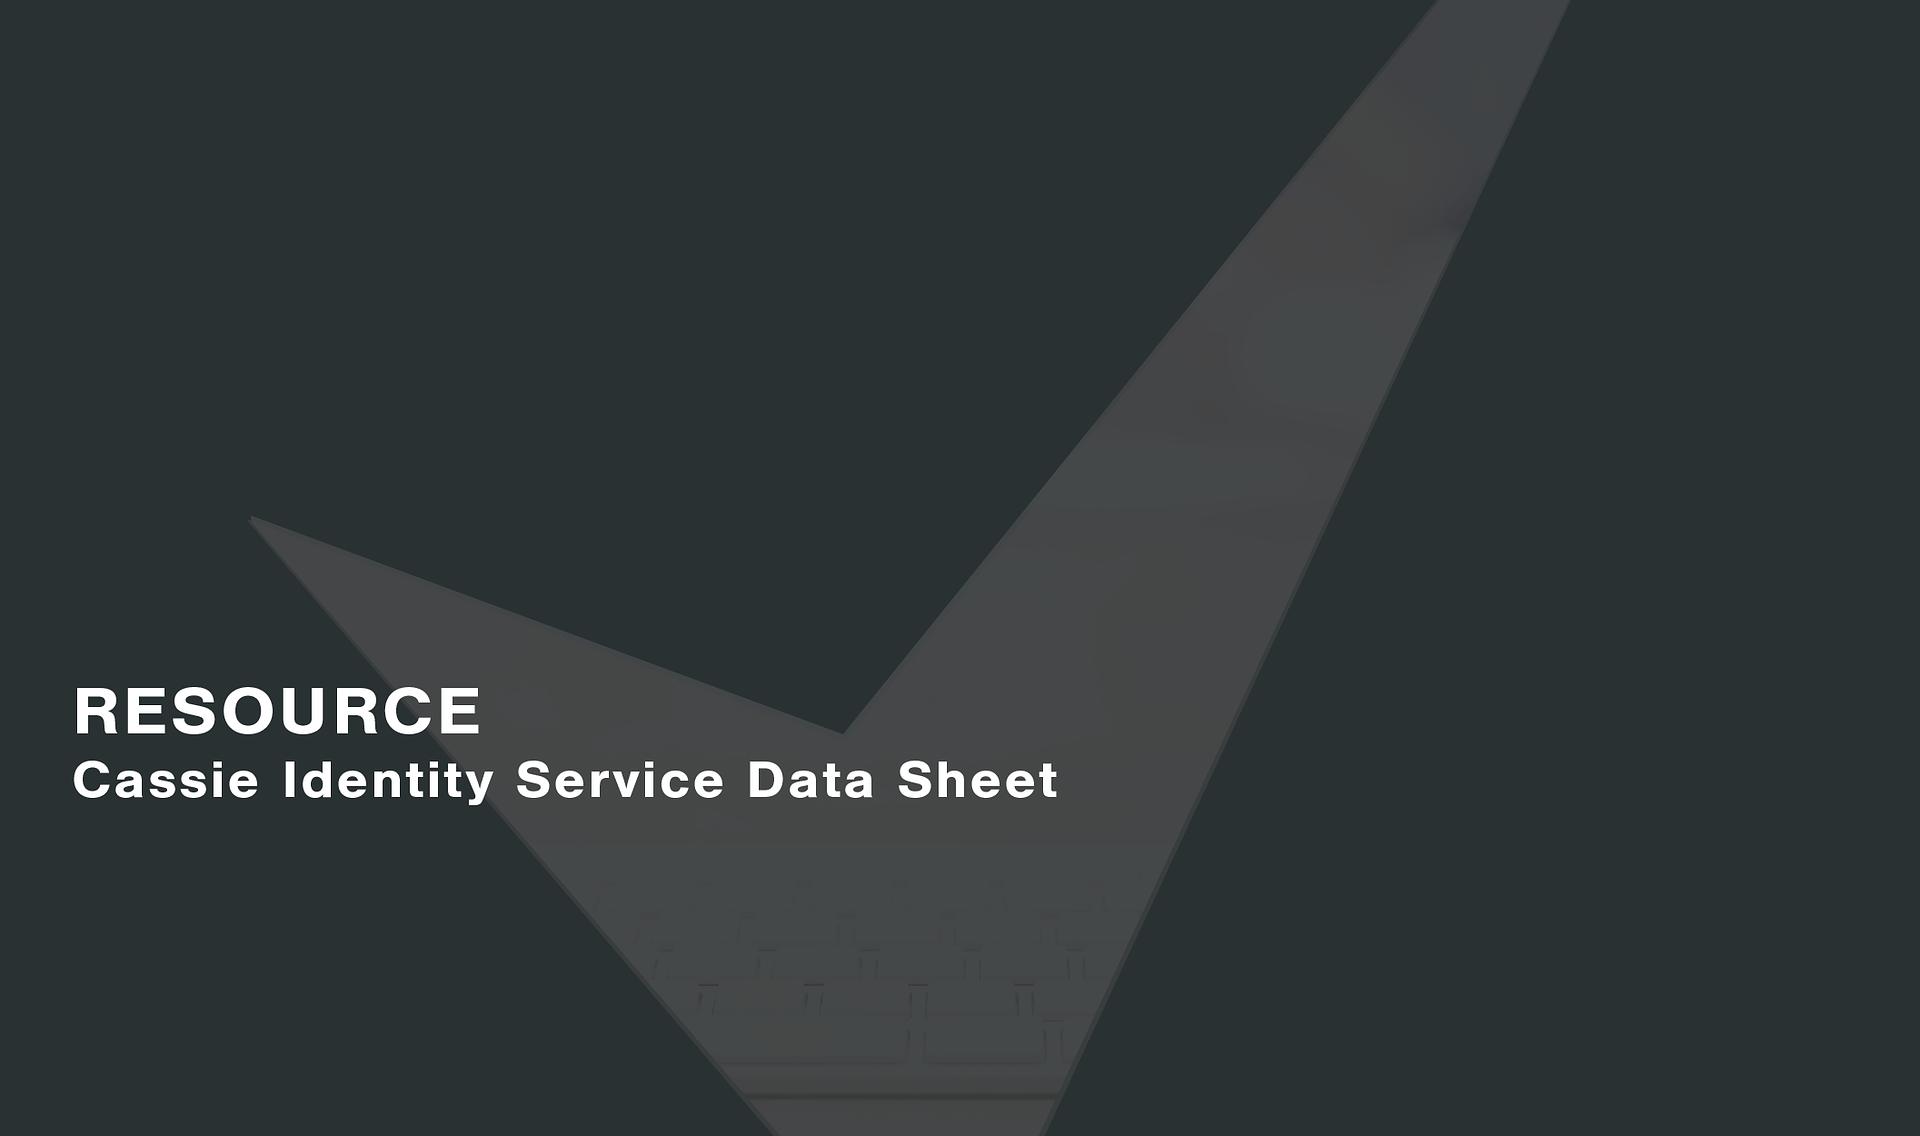 Cassie-Identity-Service-Data-Sheet